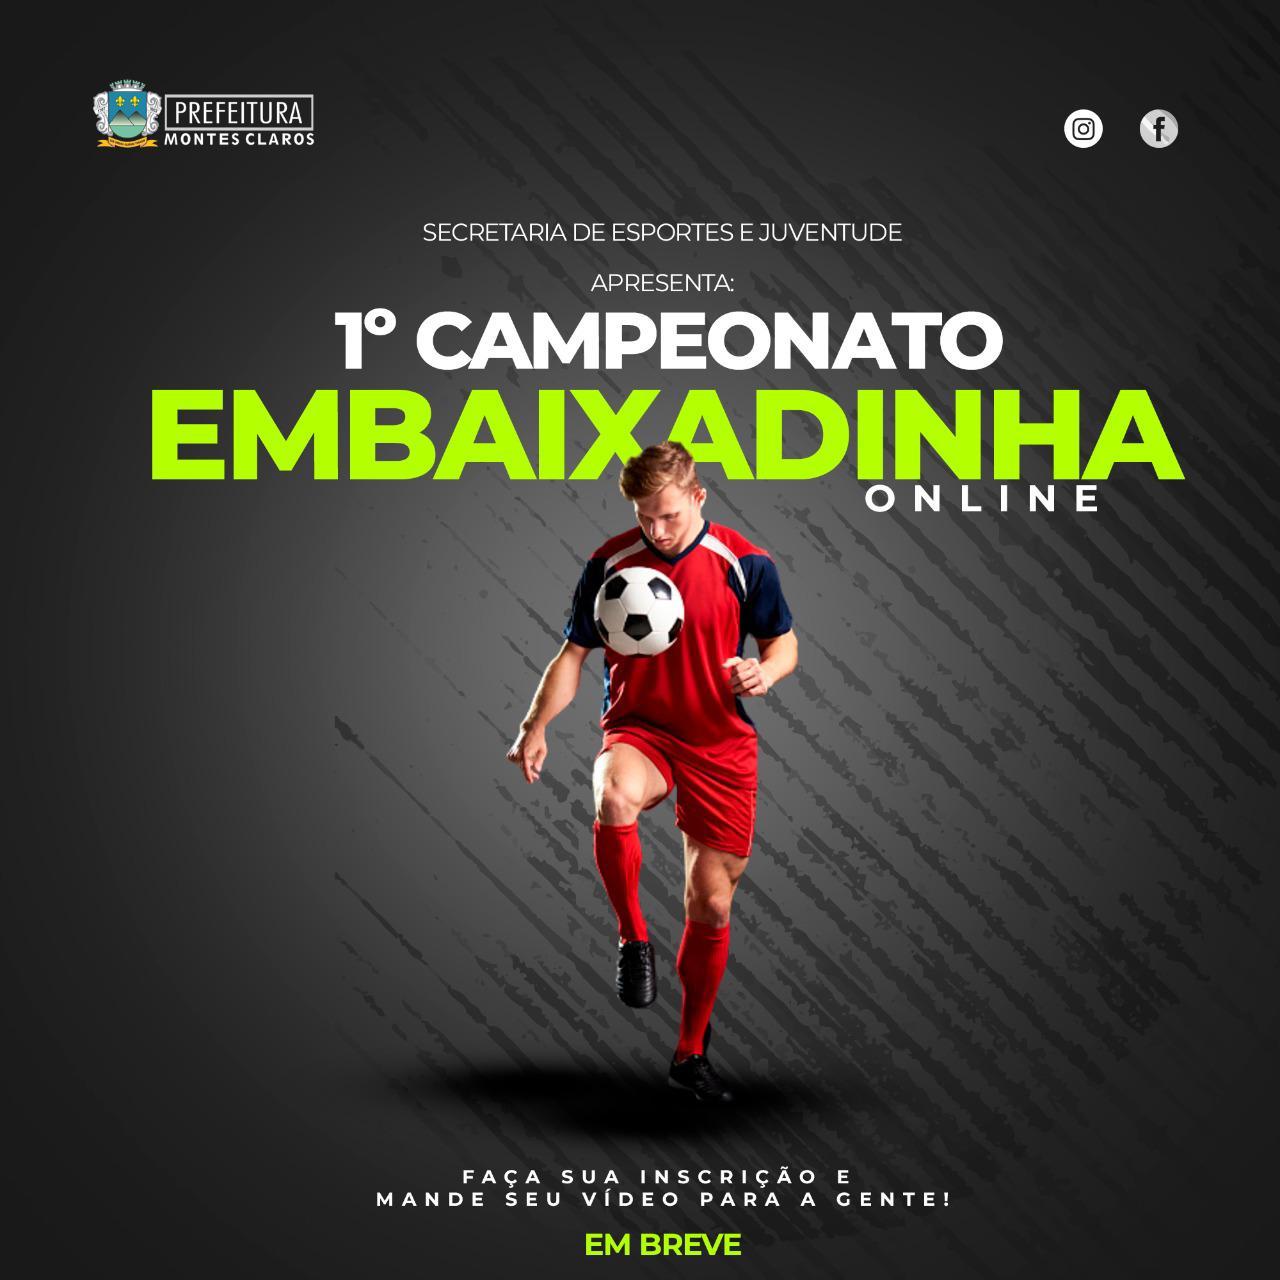 Imagem de destaque 1º CAMPEONATO DE EMBAIXADINHA ONLINE - Vídeos serão analisados pela Secretaria de Esportes